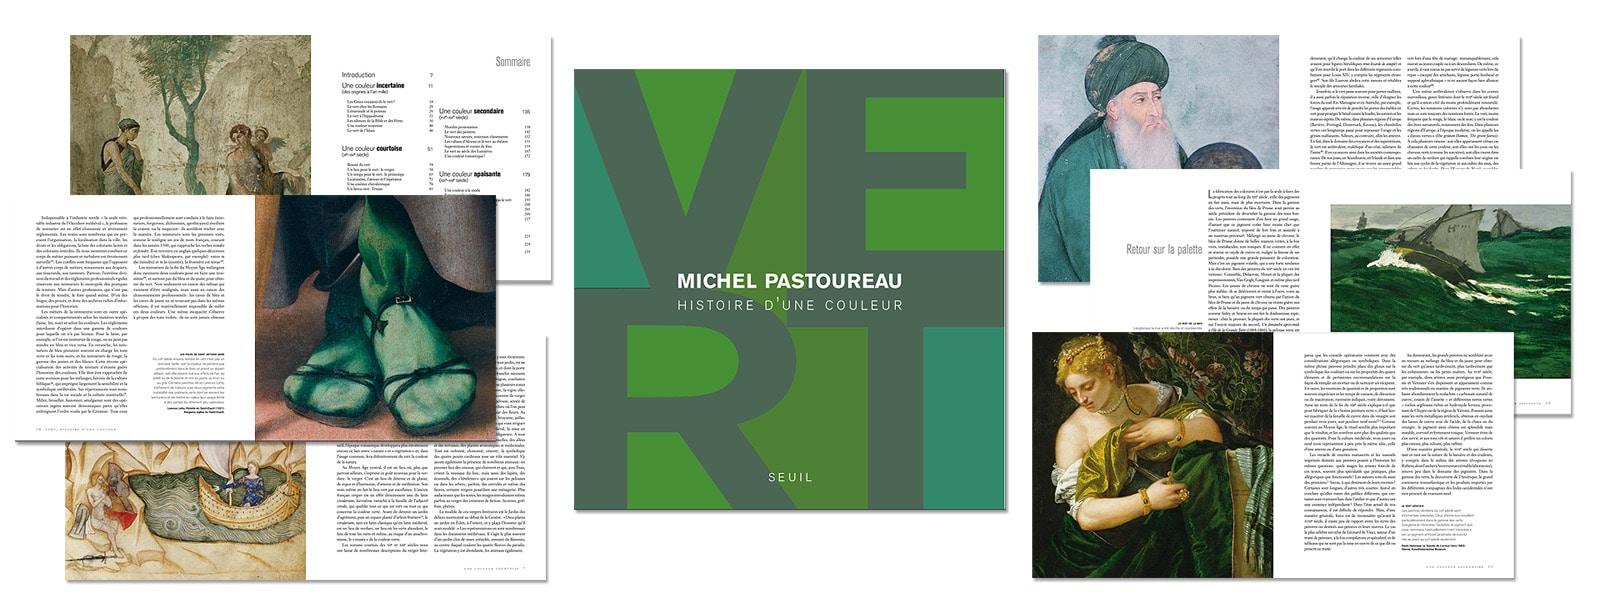 michel_pastoureau_historien_vert_histoire_couleur_beaux_livres_entretien_conferences